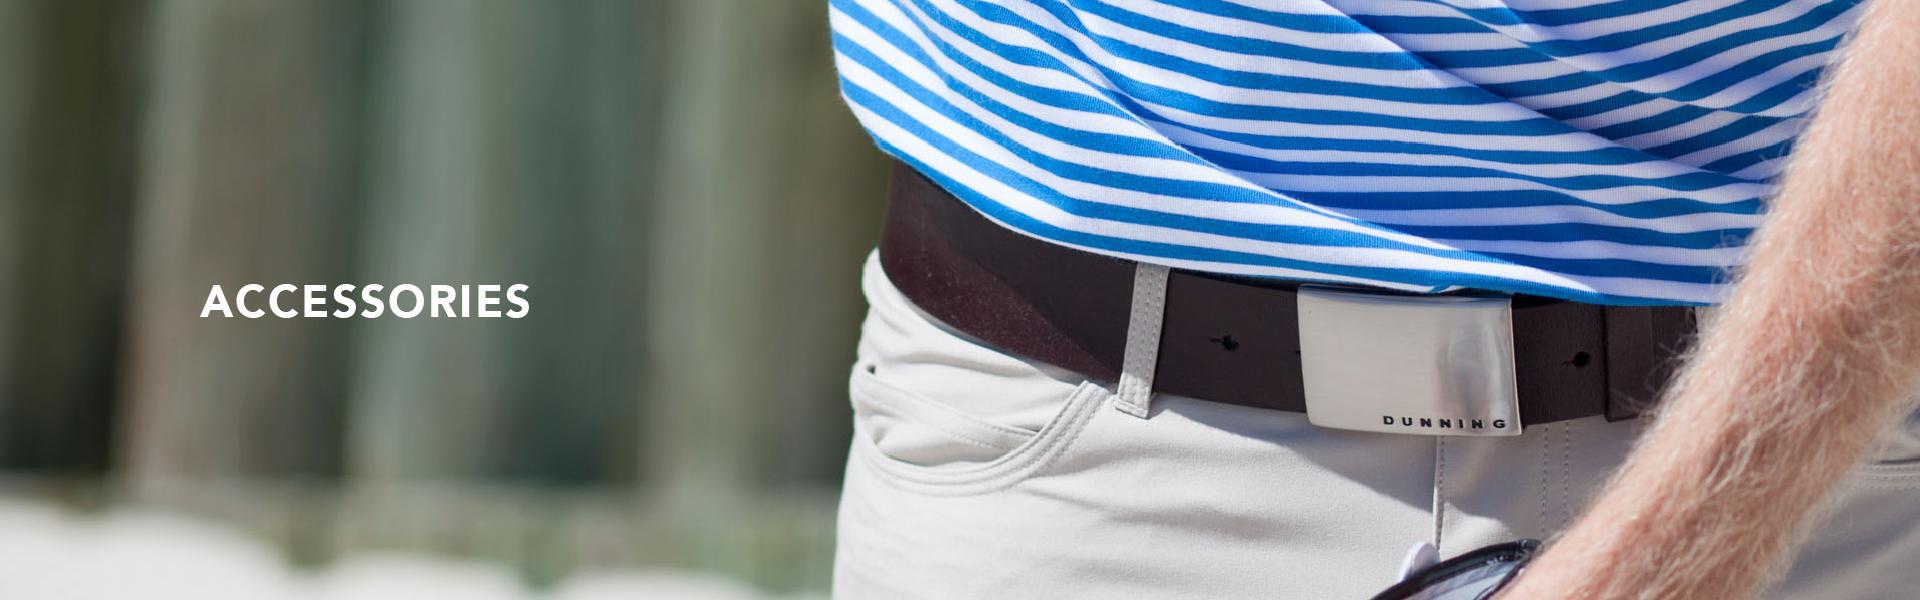 dunning-banner-anchor-golf-accessories-1.18.jpg